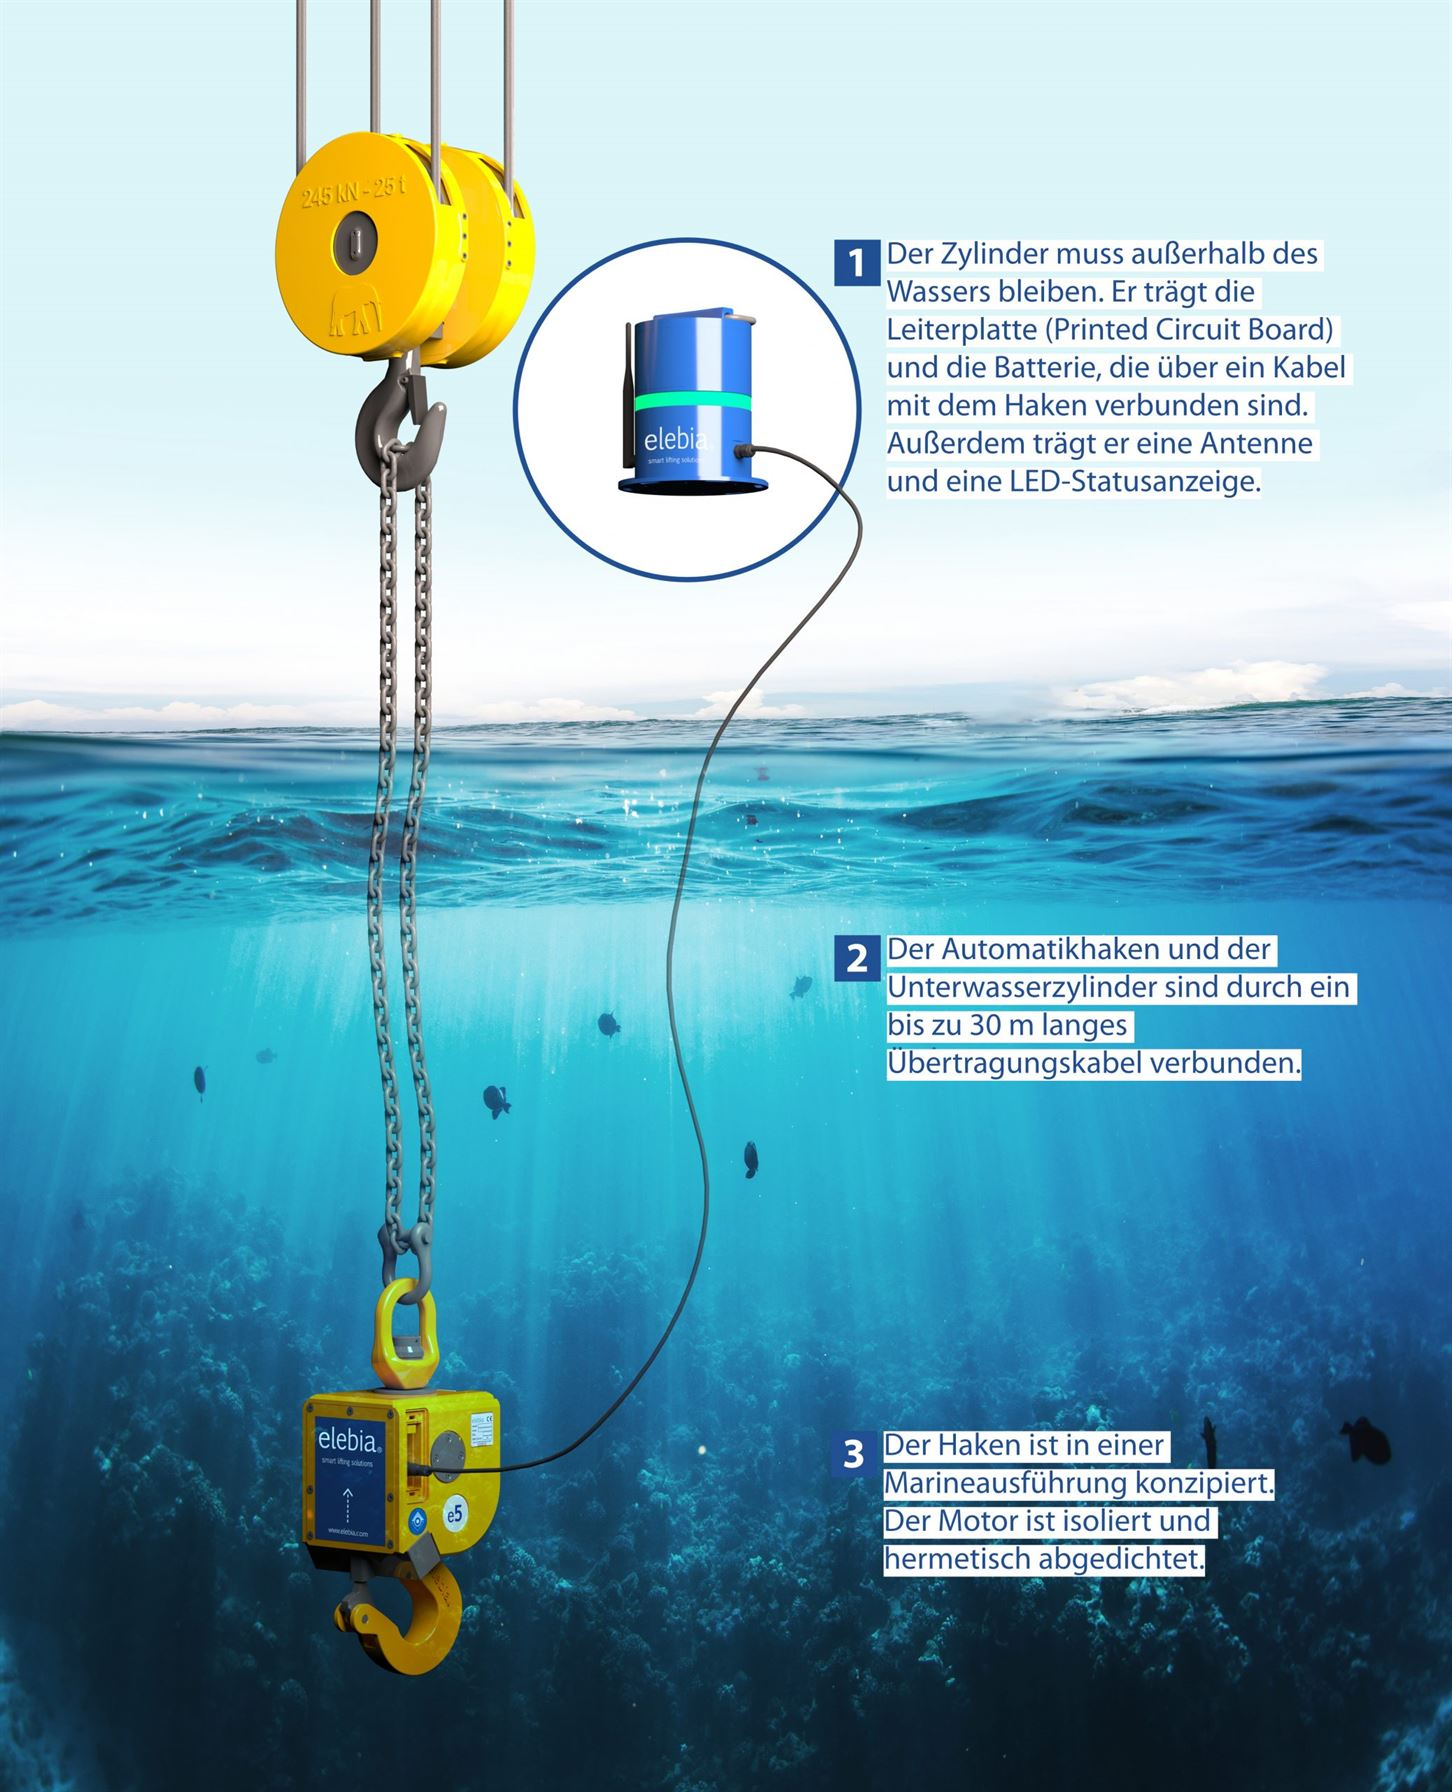 Unterwasser Haken scaled - Unterwasser Haken